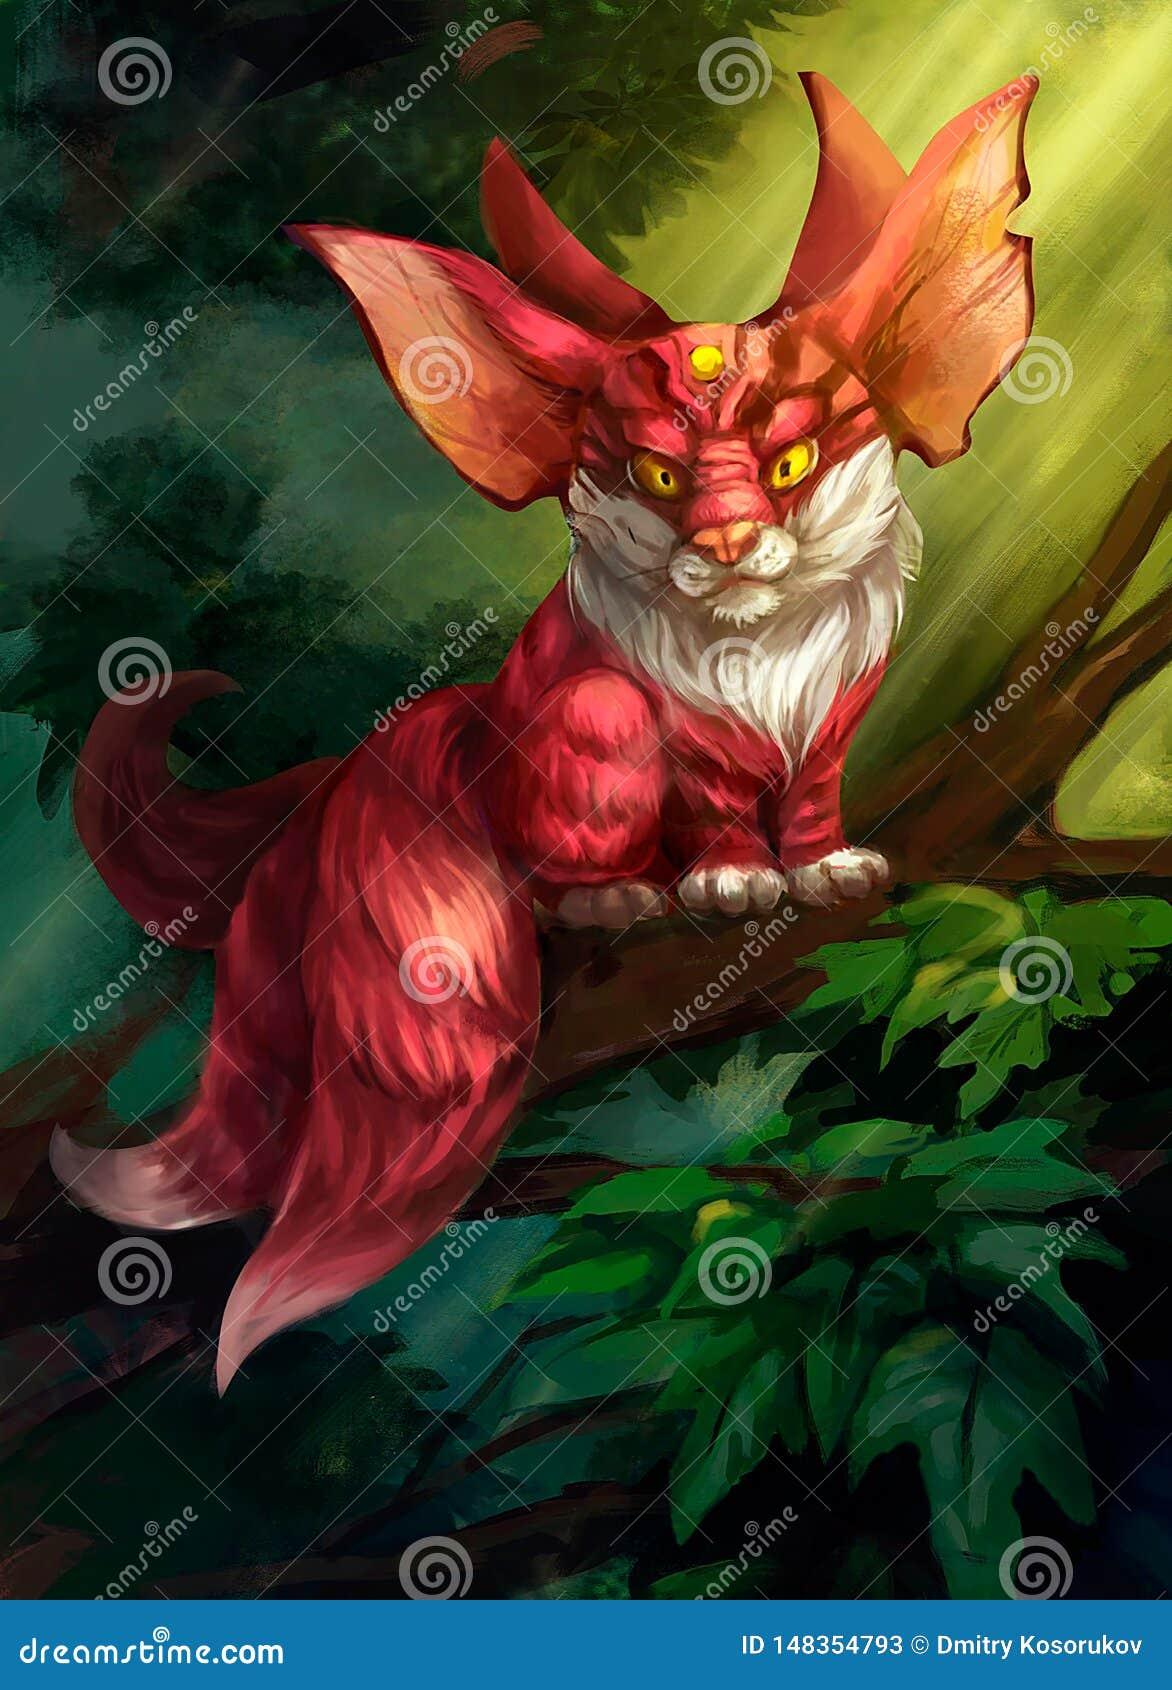 Ilustração de um animal fabuloso na floresta